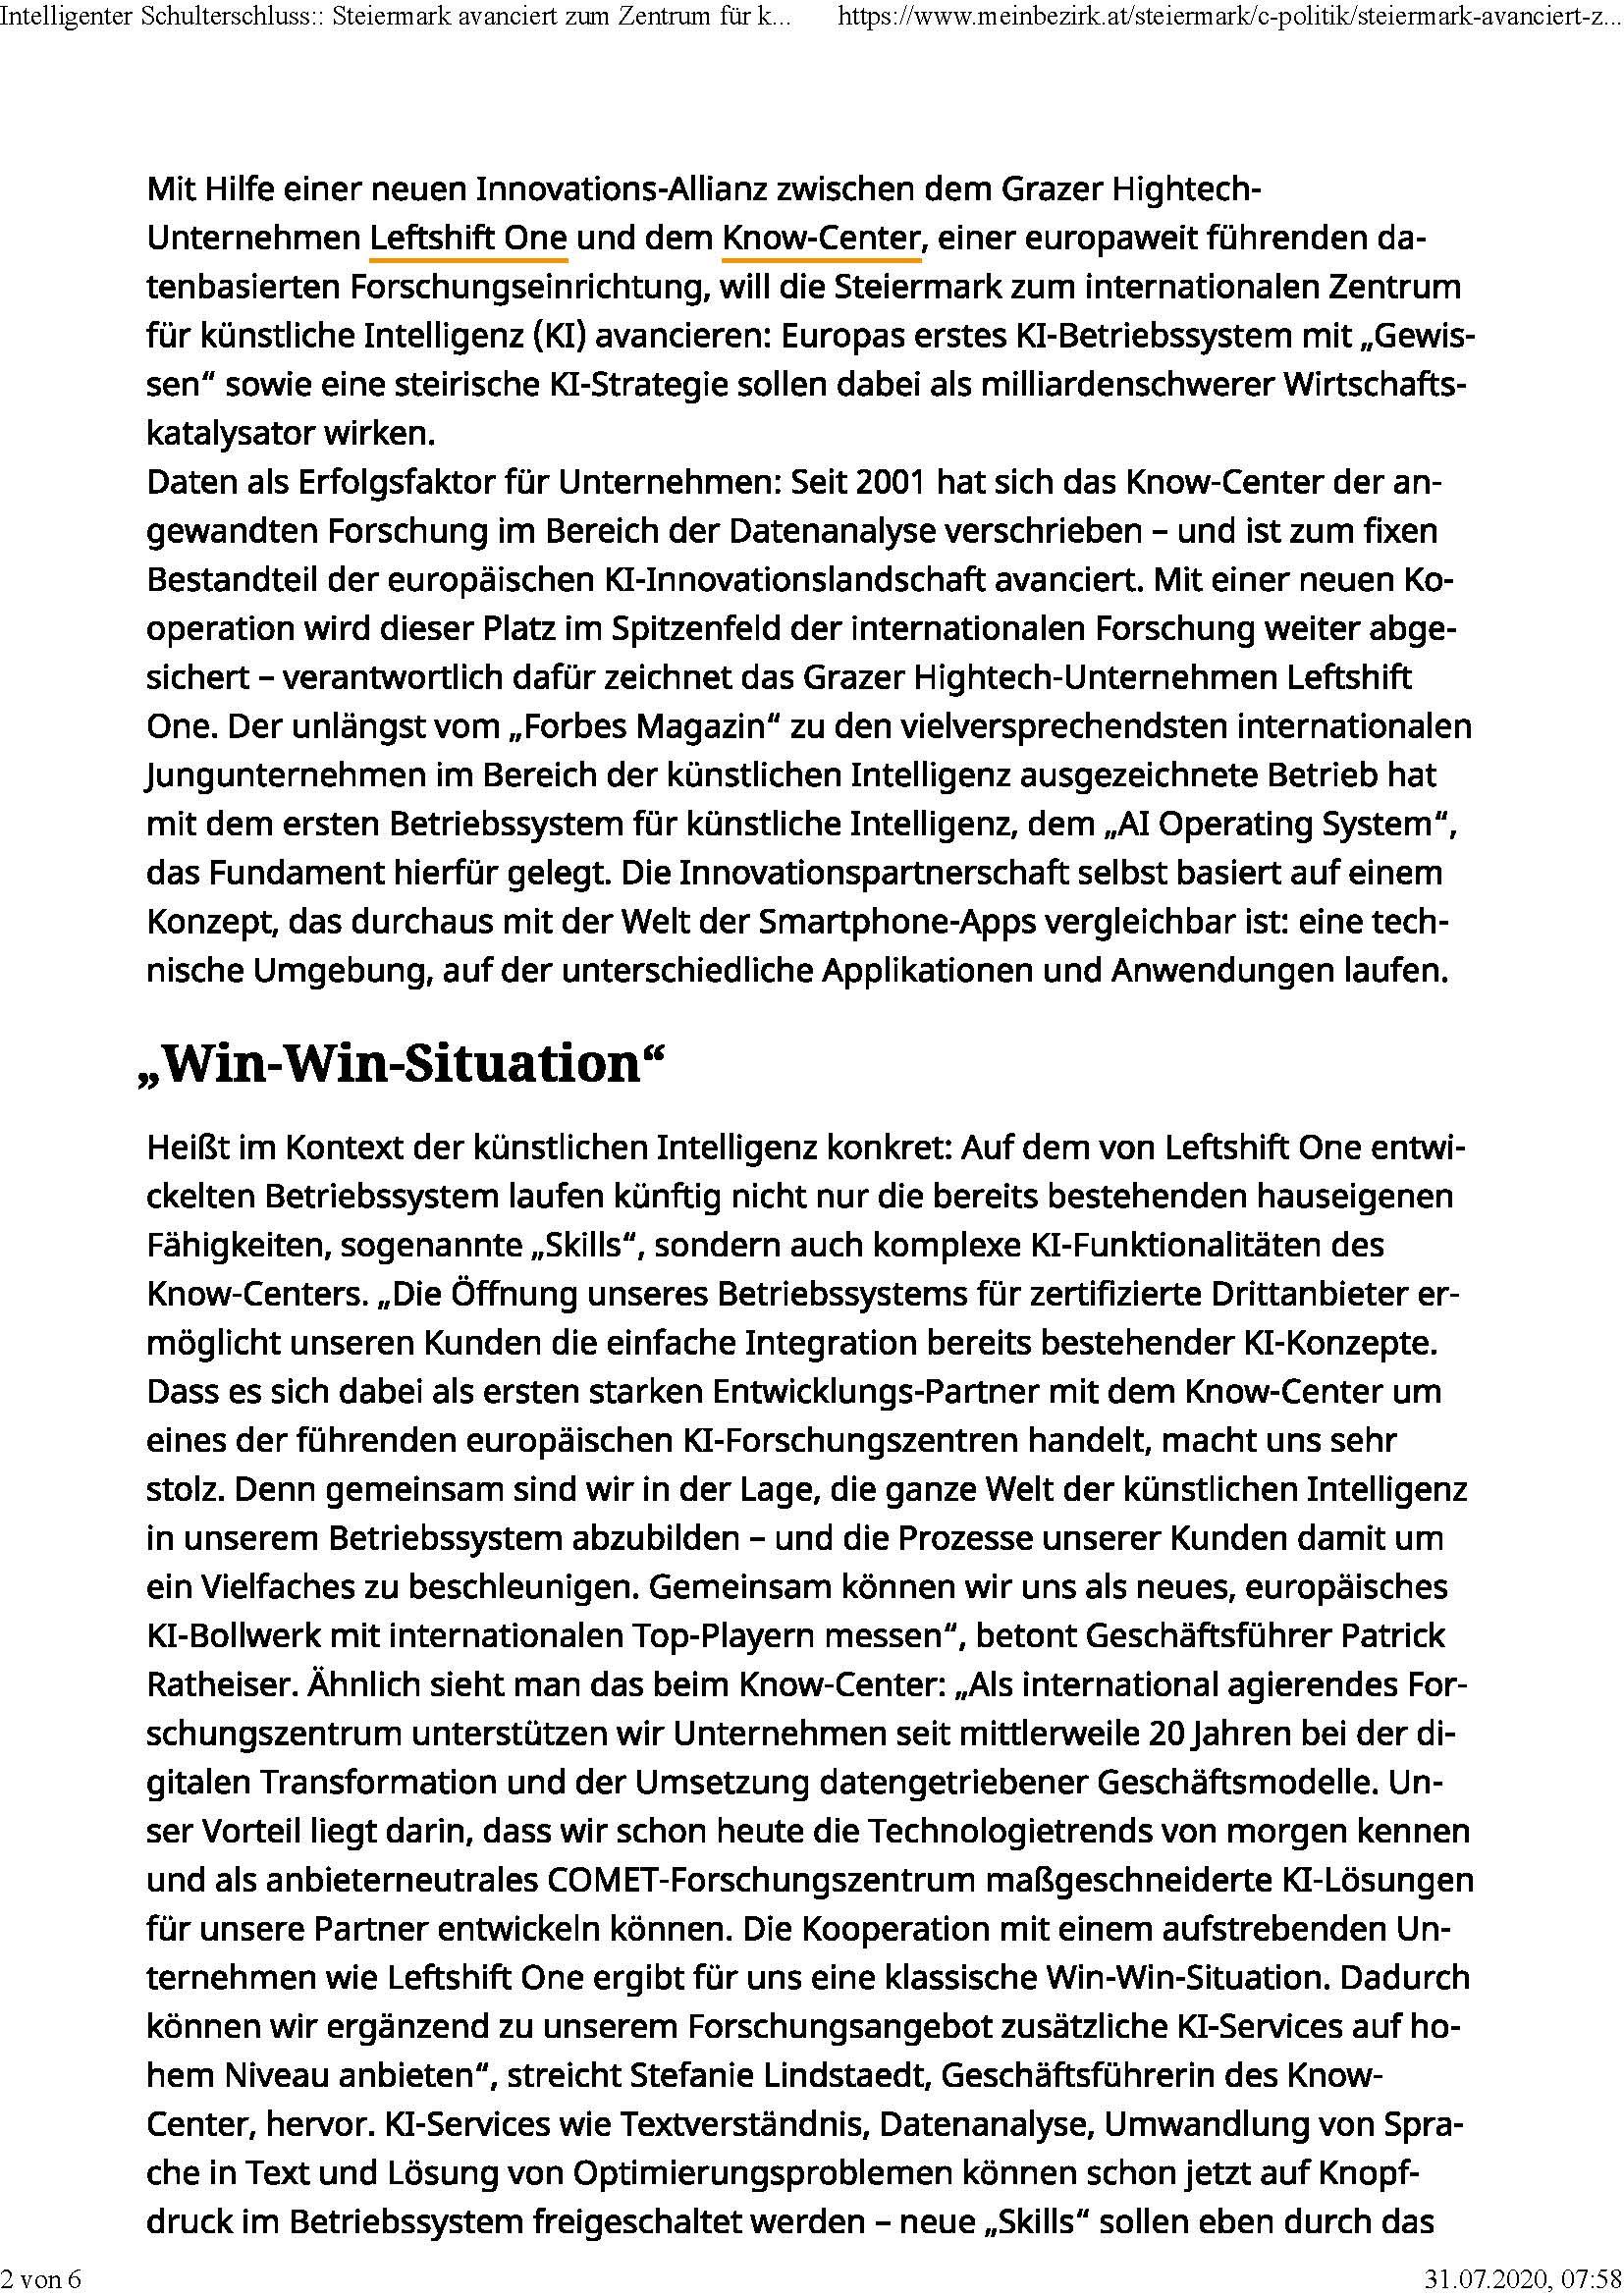 2020-07-10_MeinBezirk.at_Intelligenter Schulterschluss_Seite_2